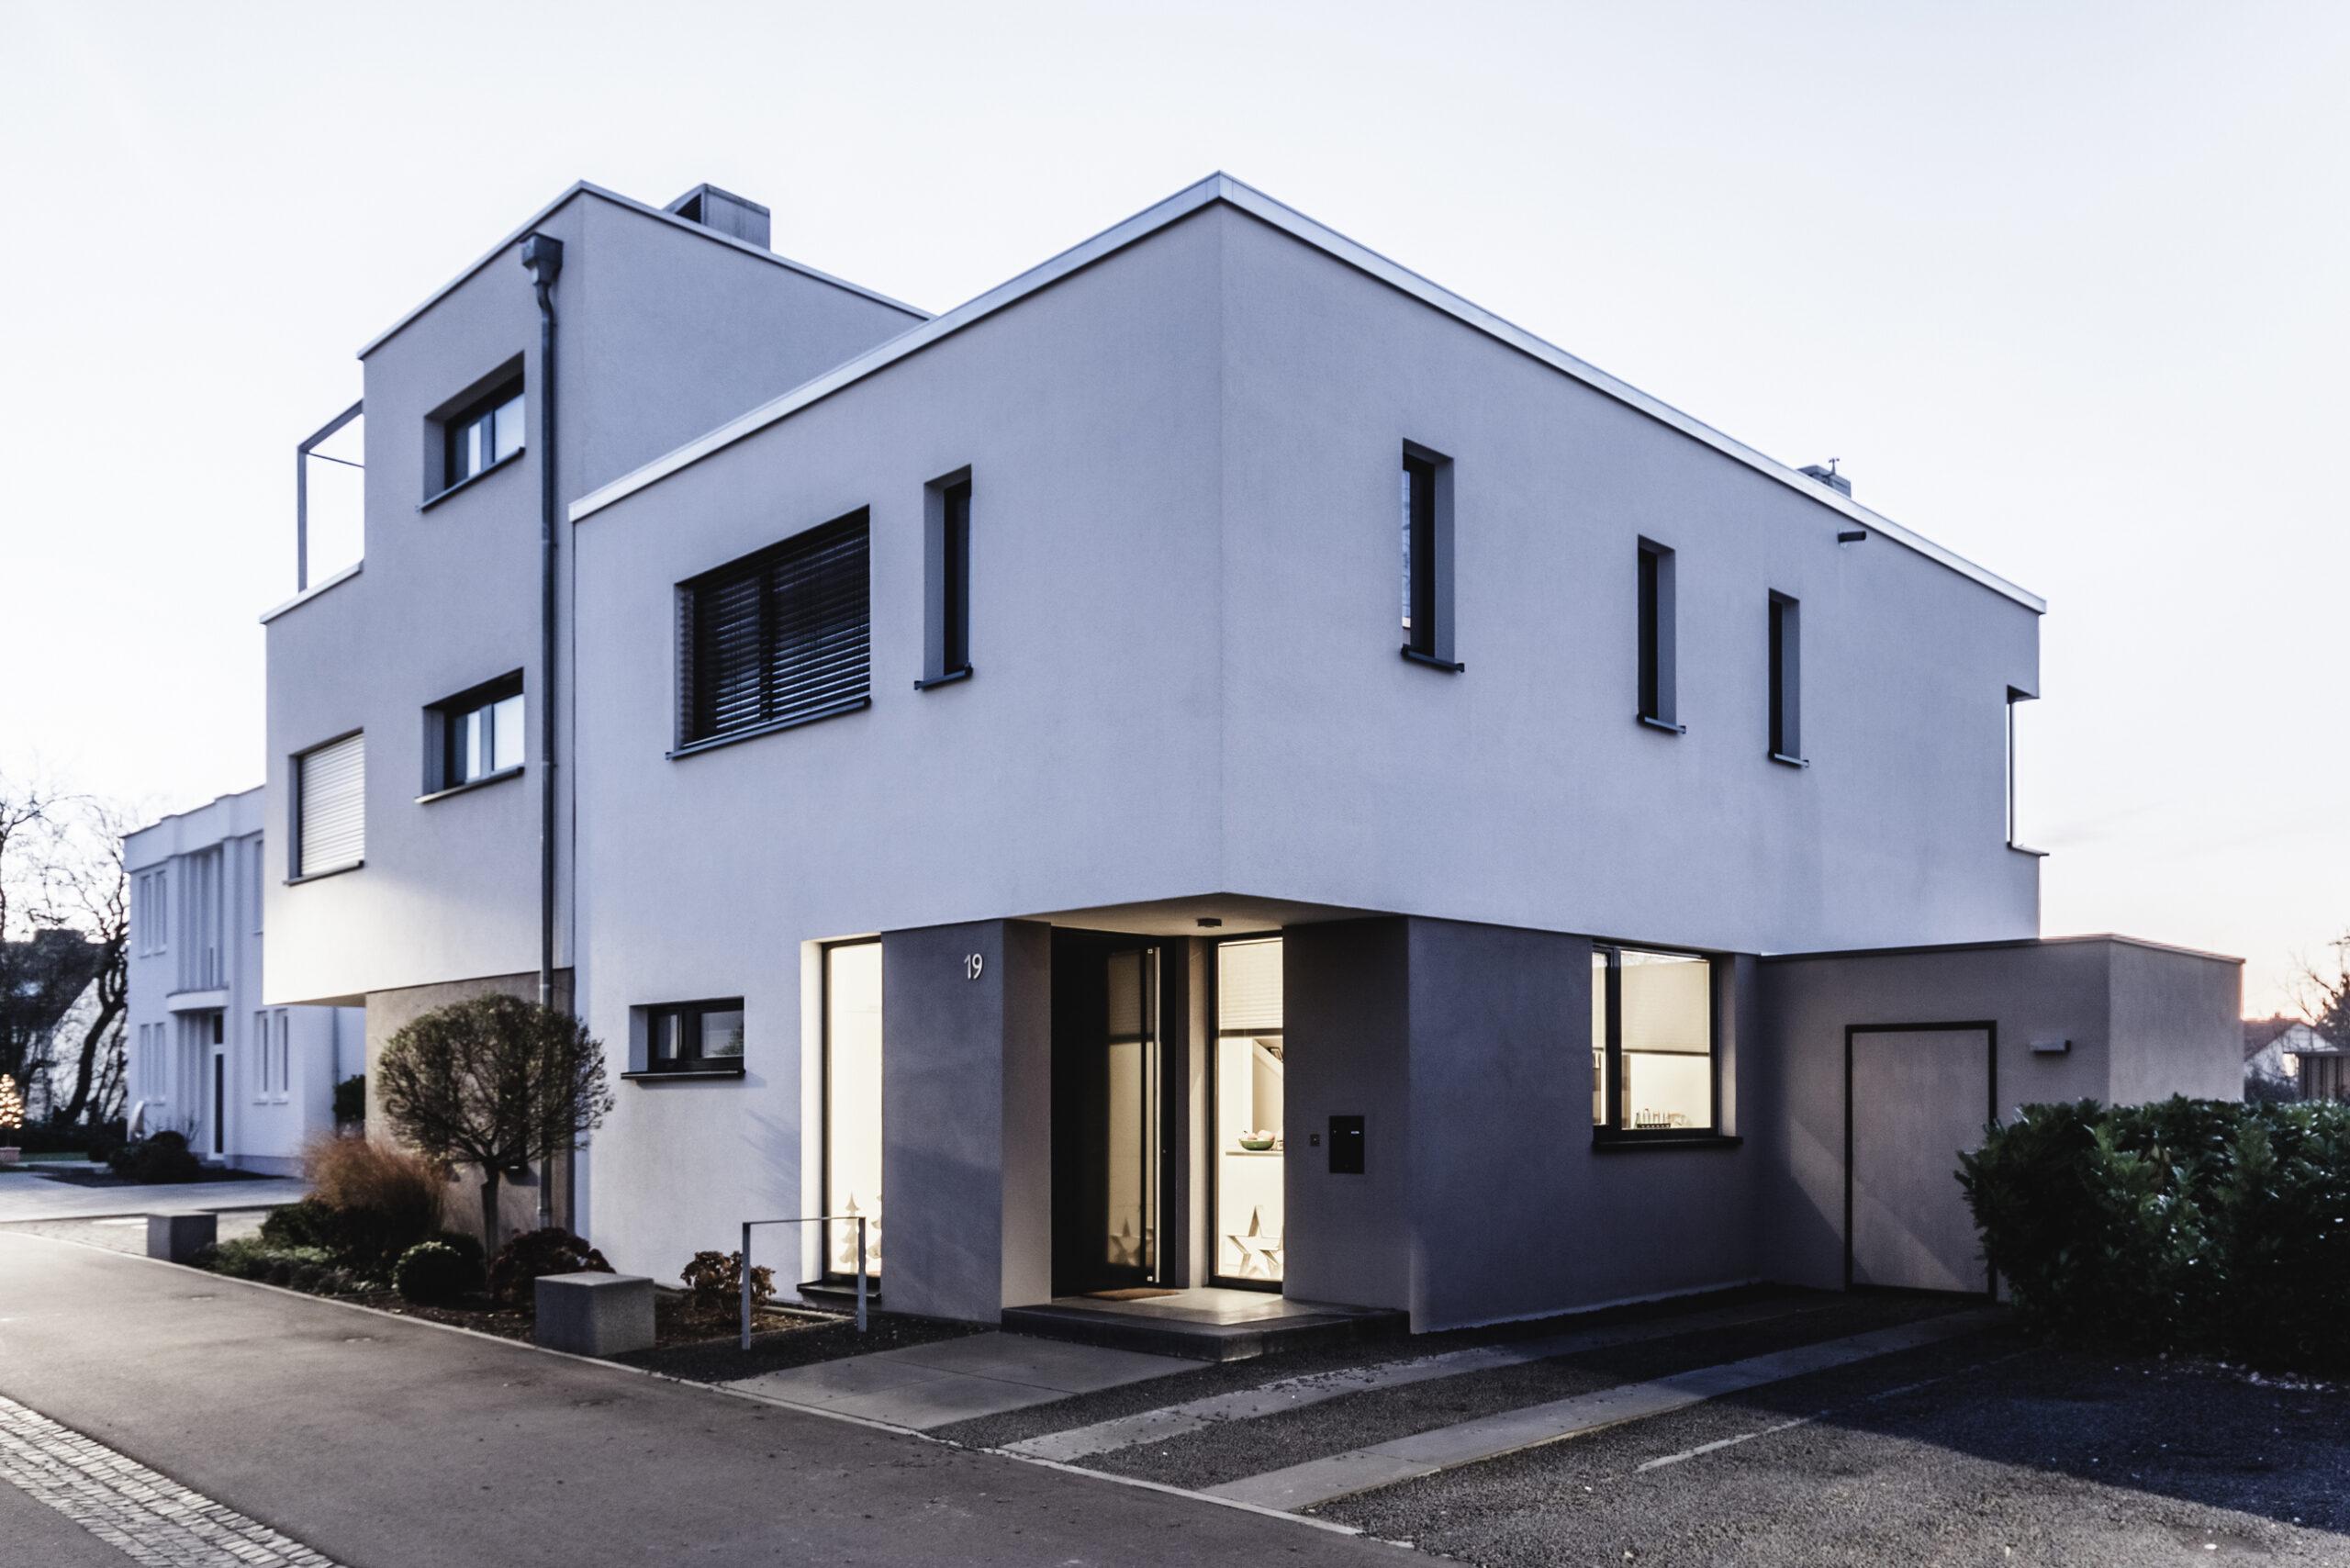 Doppelhaus - Saarbrücken